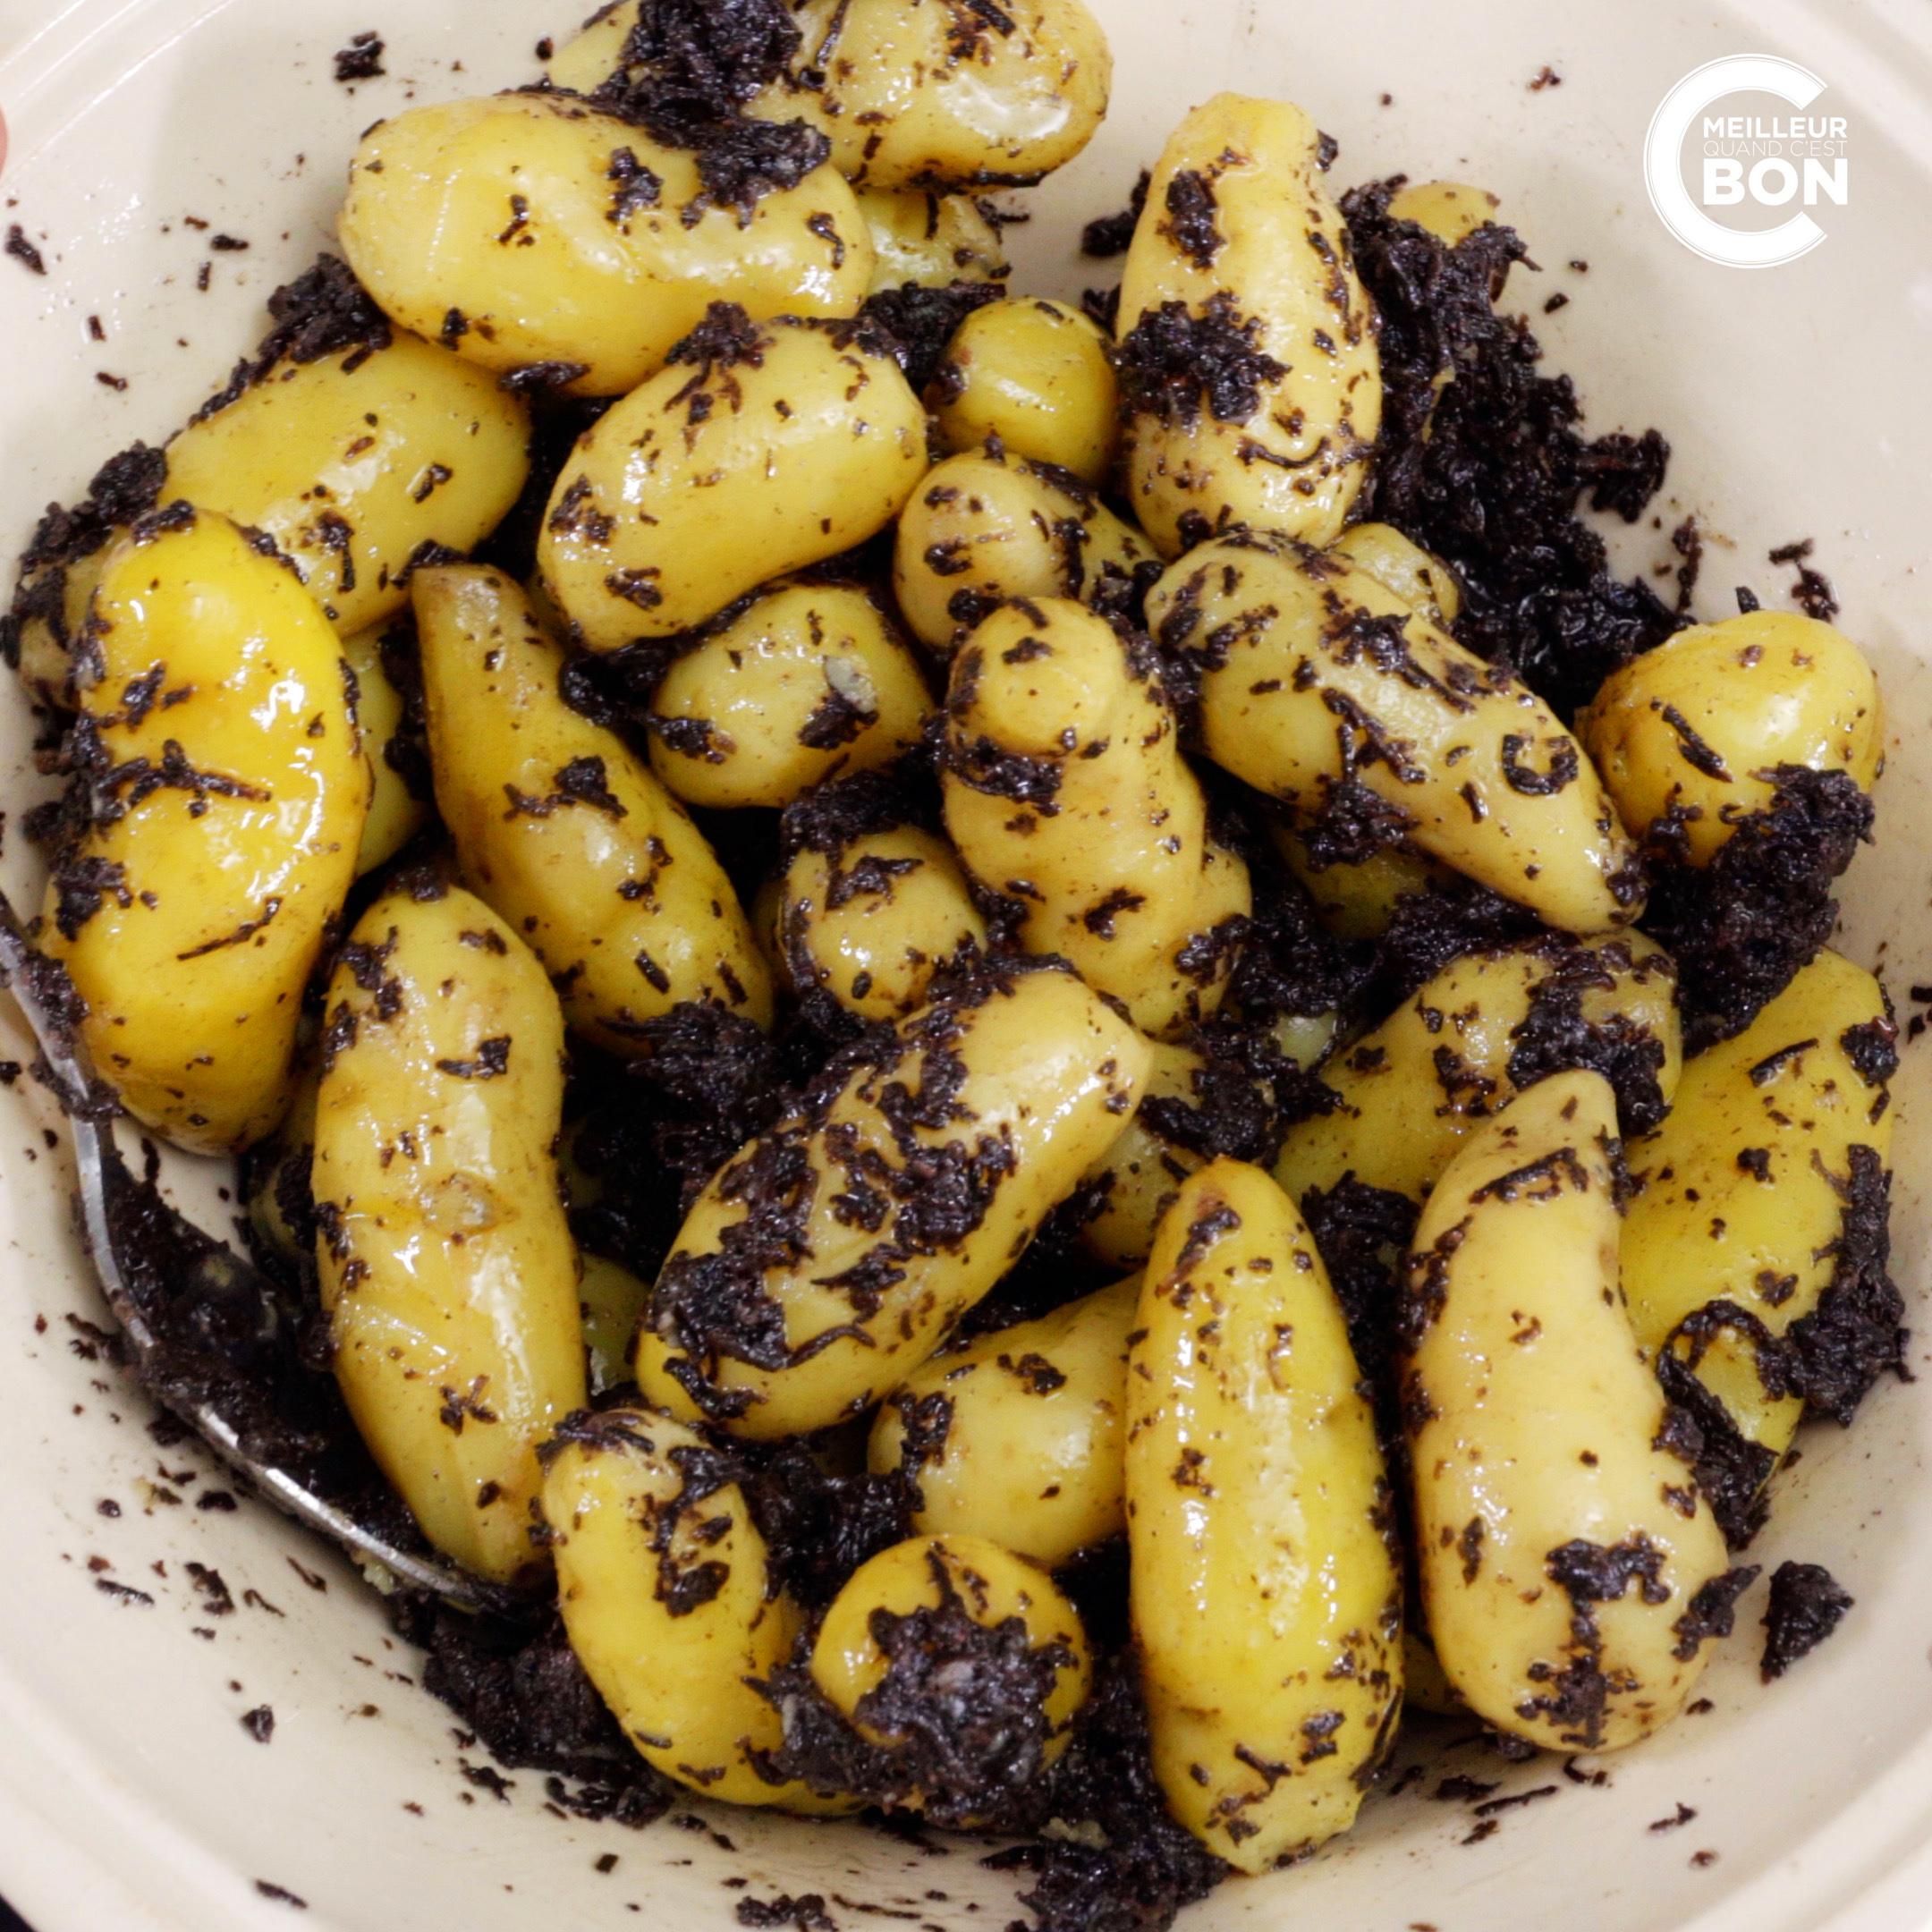 Recette de la salade de pommes de terre aux truffes